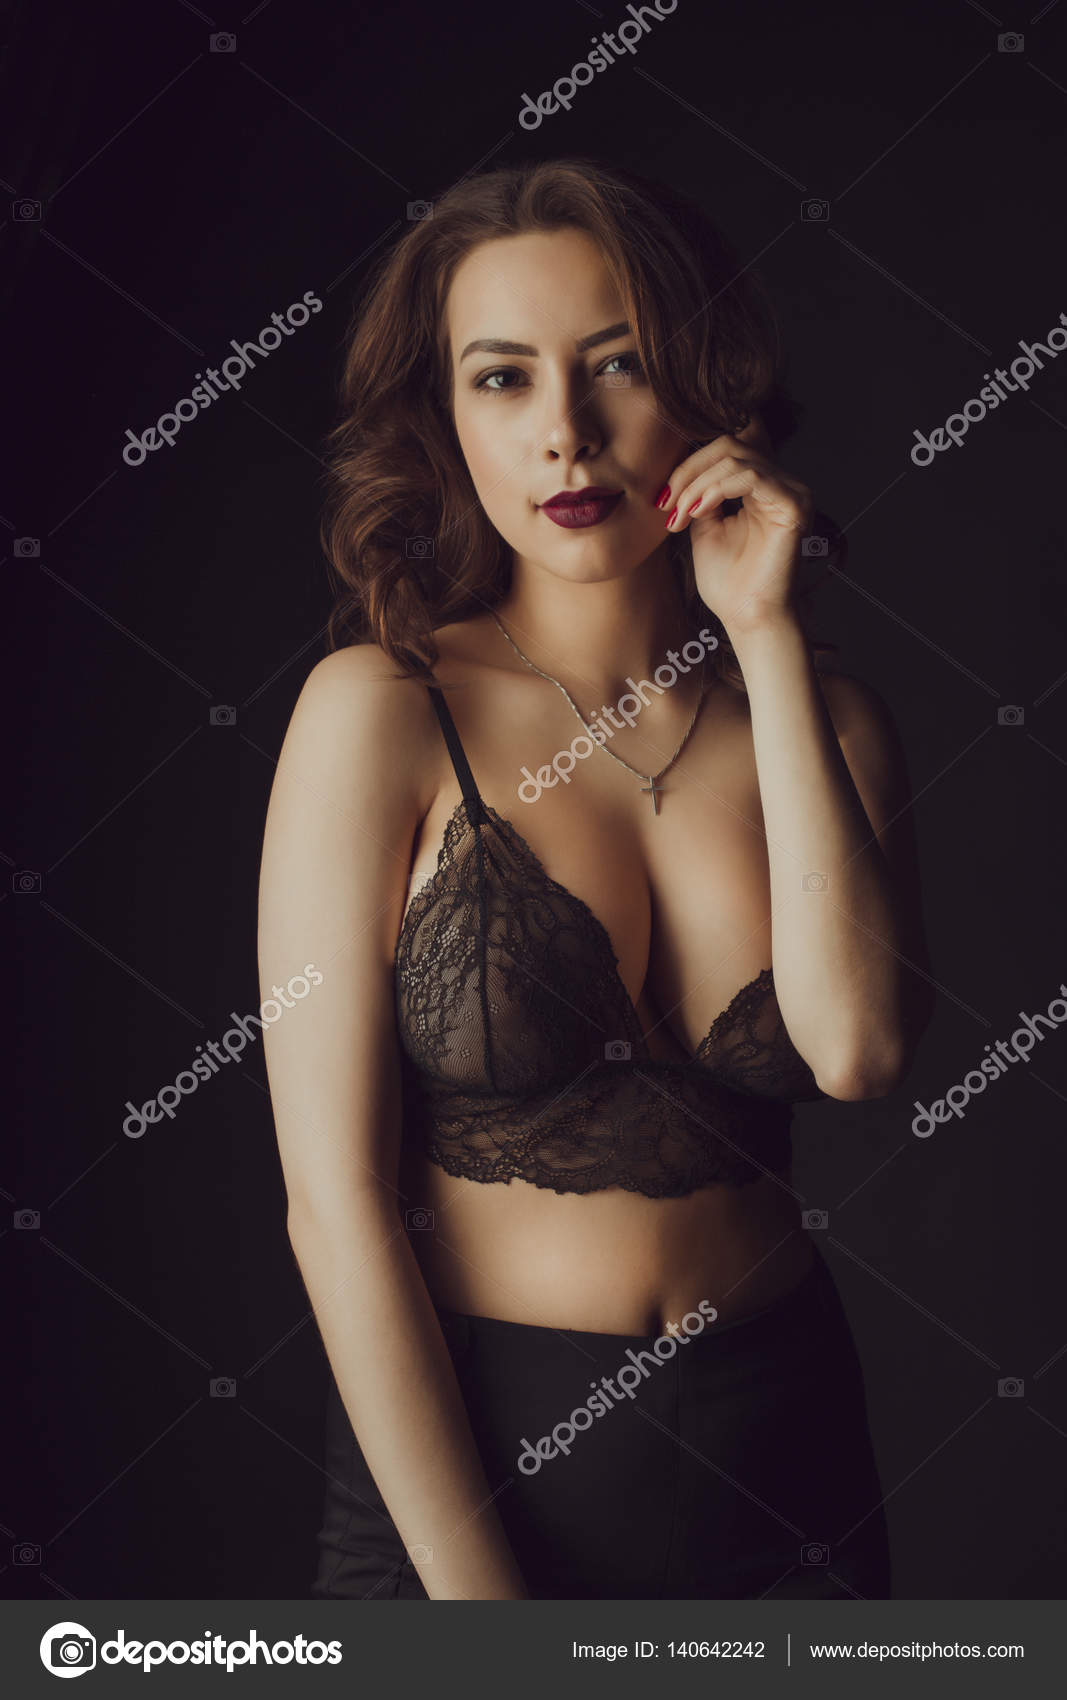 krasivie-zhenshini-v-temnom-seksualnom-bele-mariya-mur-porno-aktrisa-foto